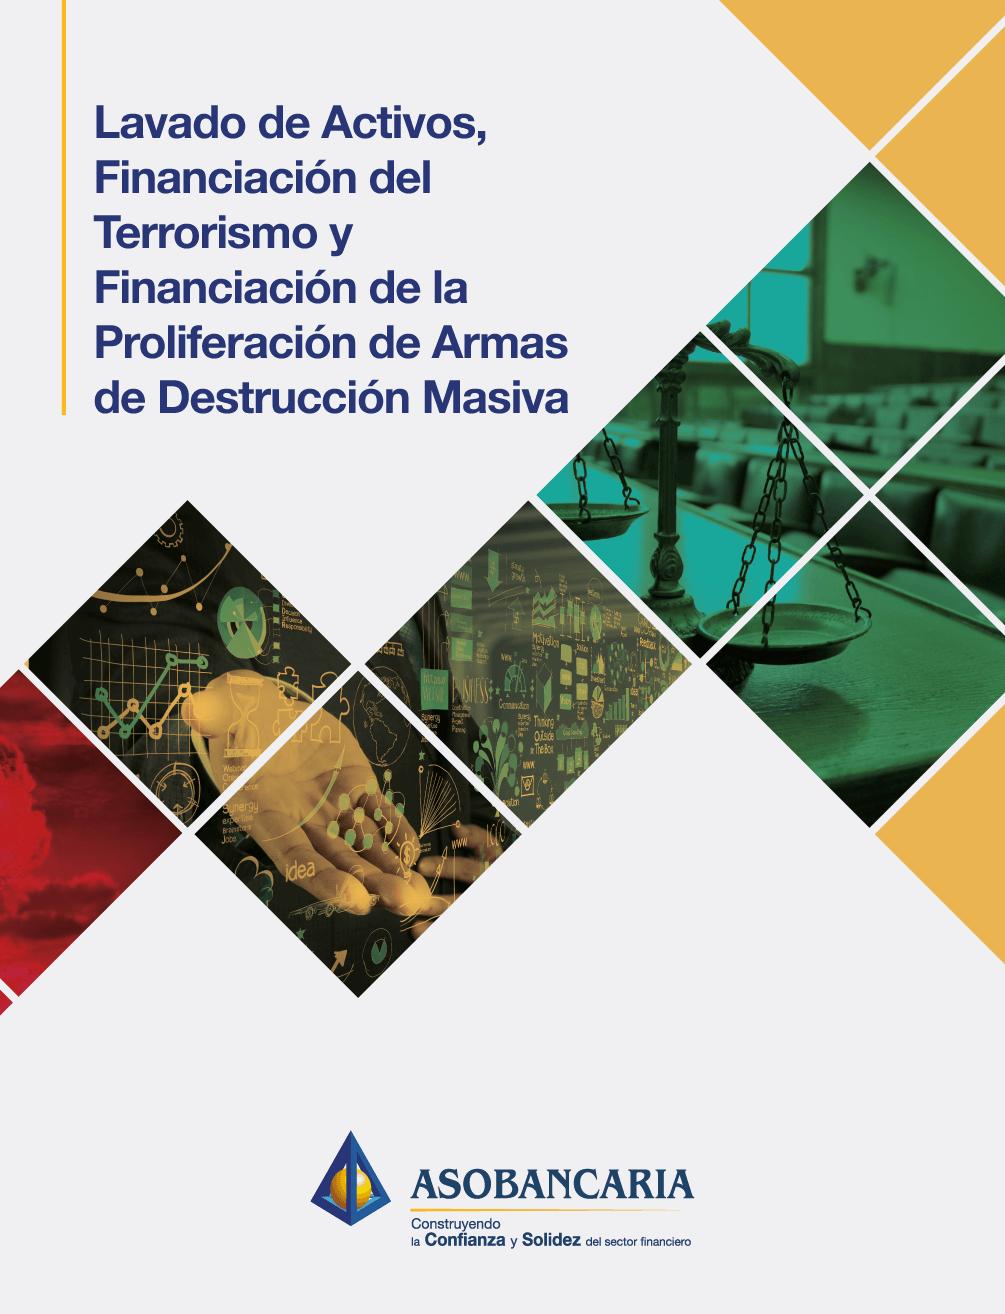 Lavado de activos, financiación del terrorismo y financiación de la proliferación de armas de destrucción masiva